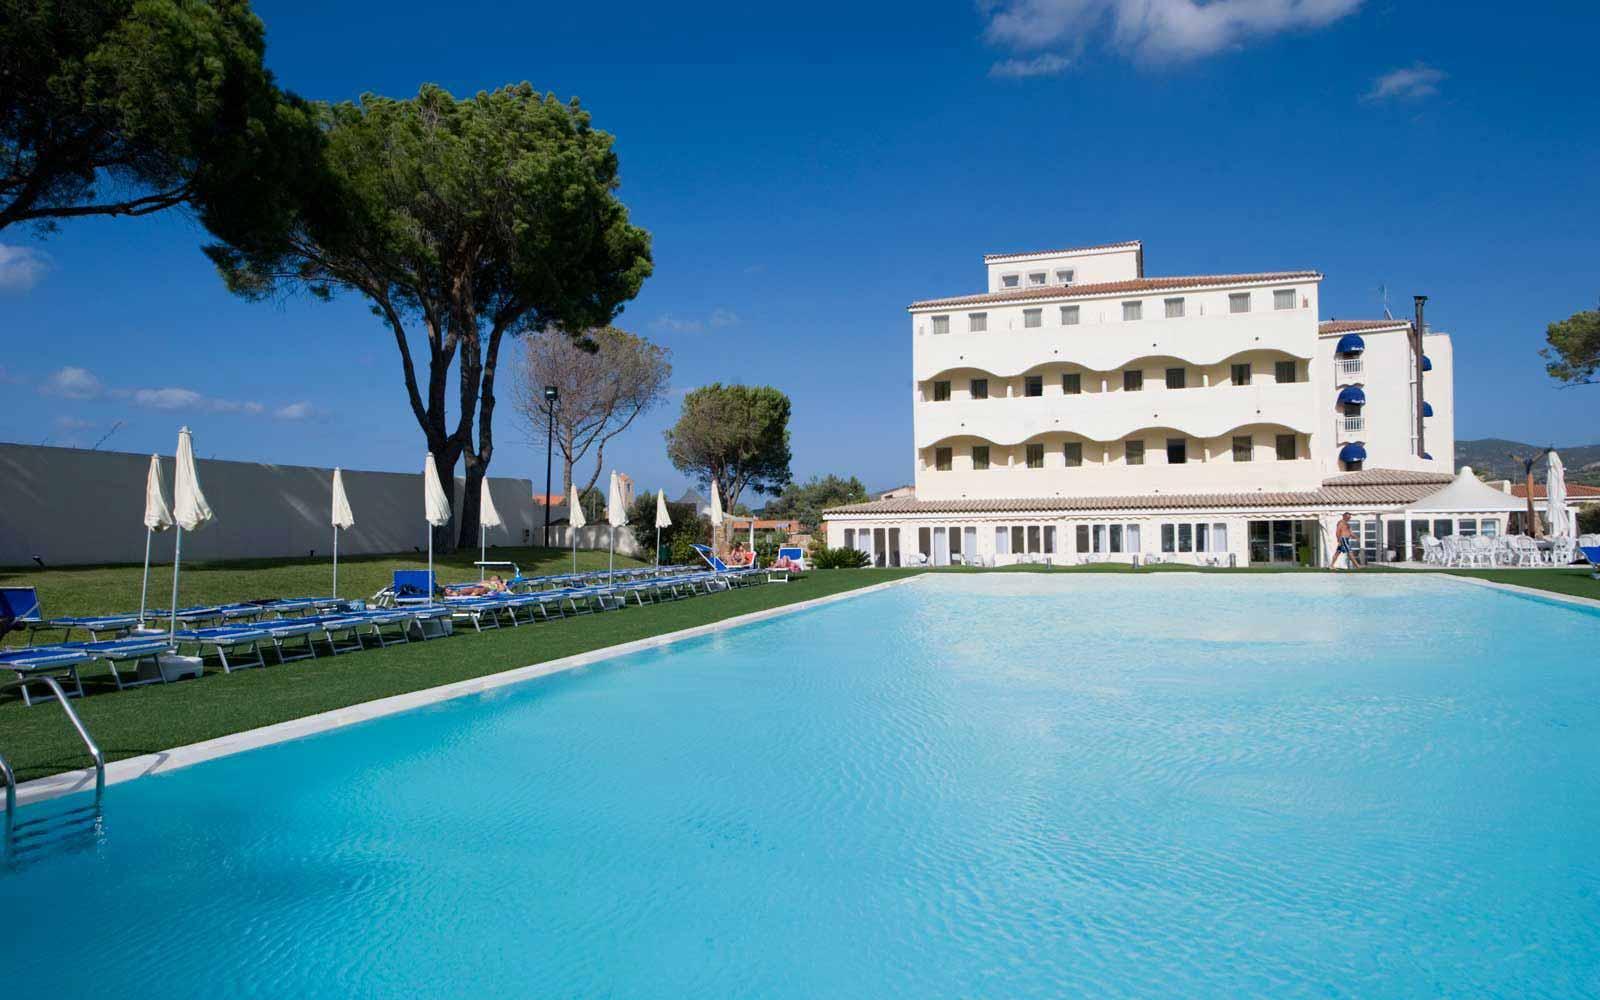 Pool at Hotel Baja